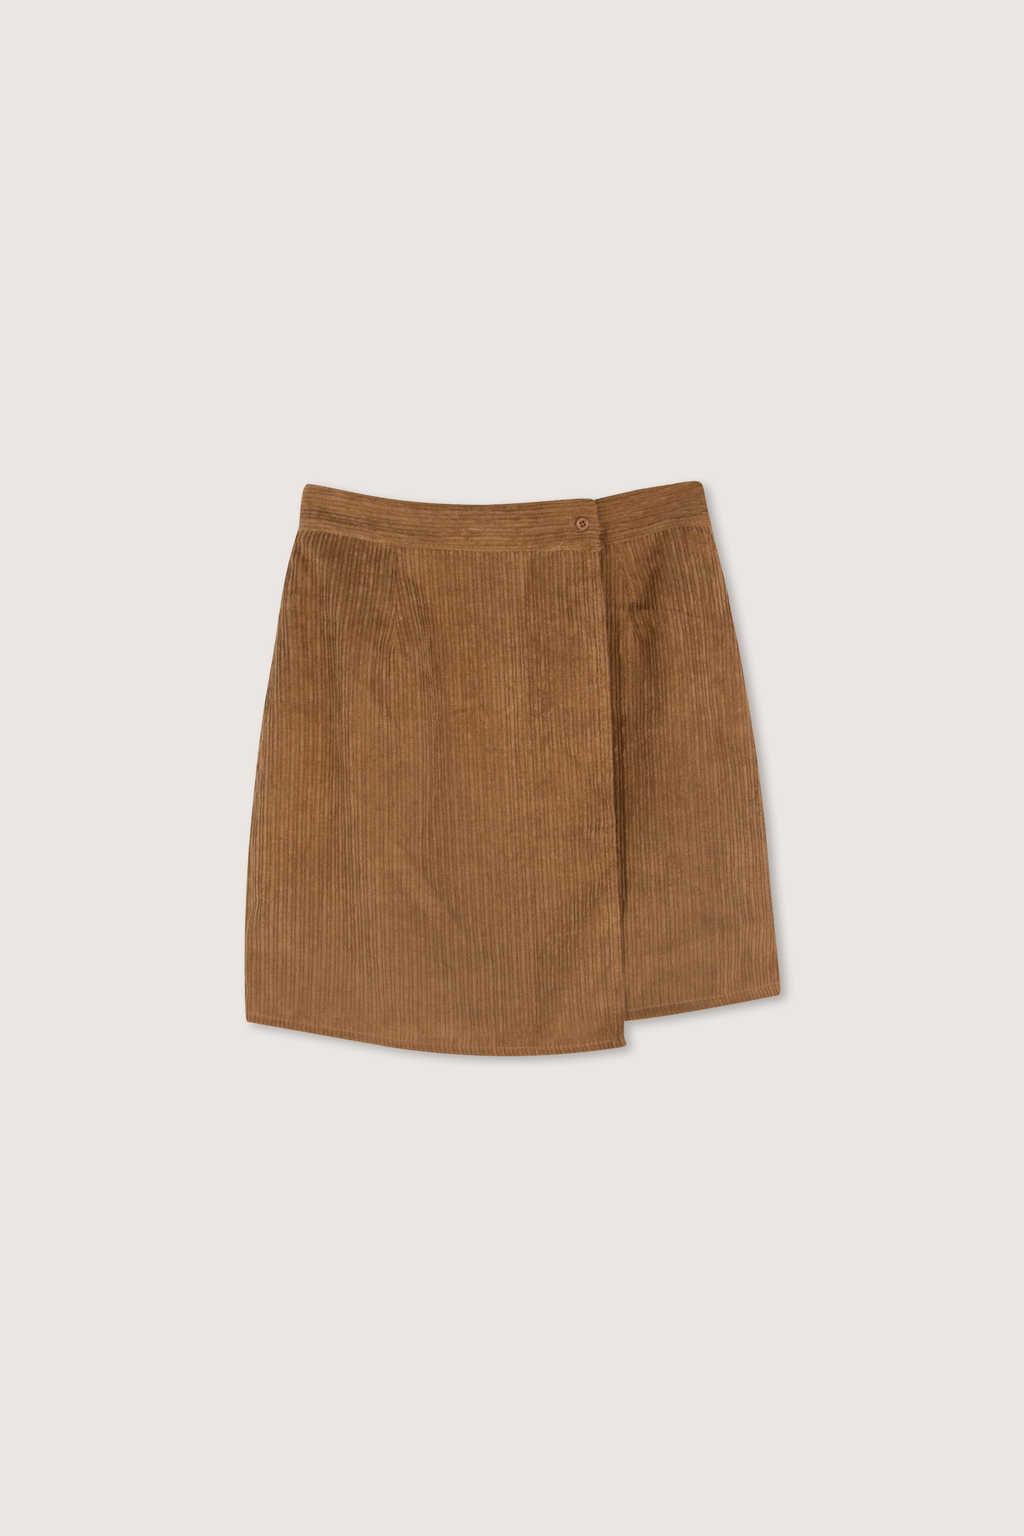 Skirt H186 Brown 5